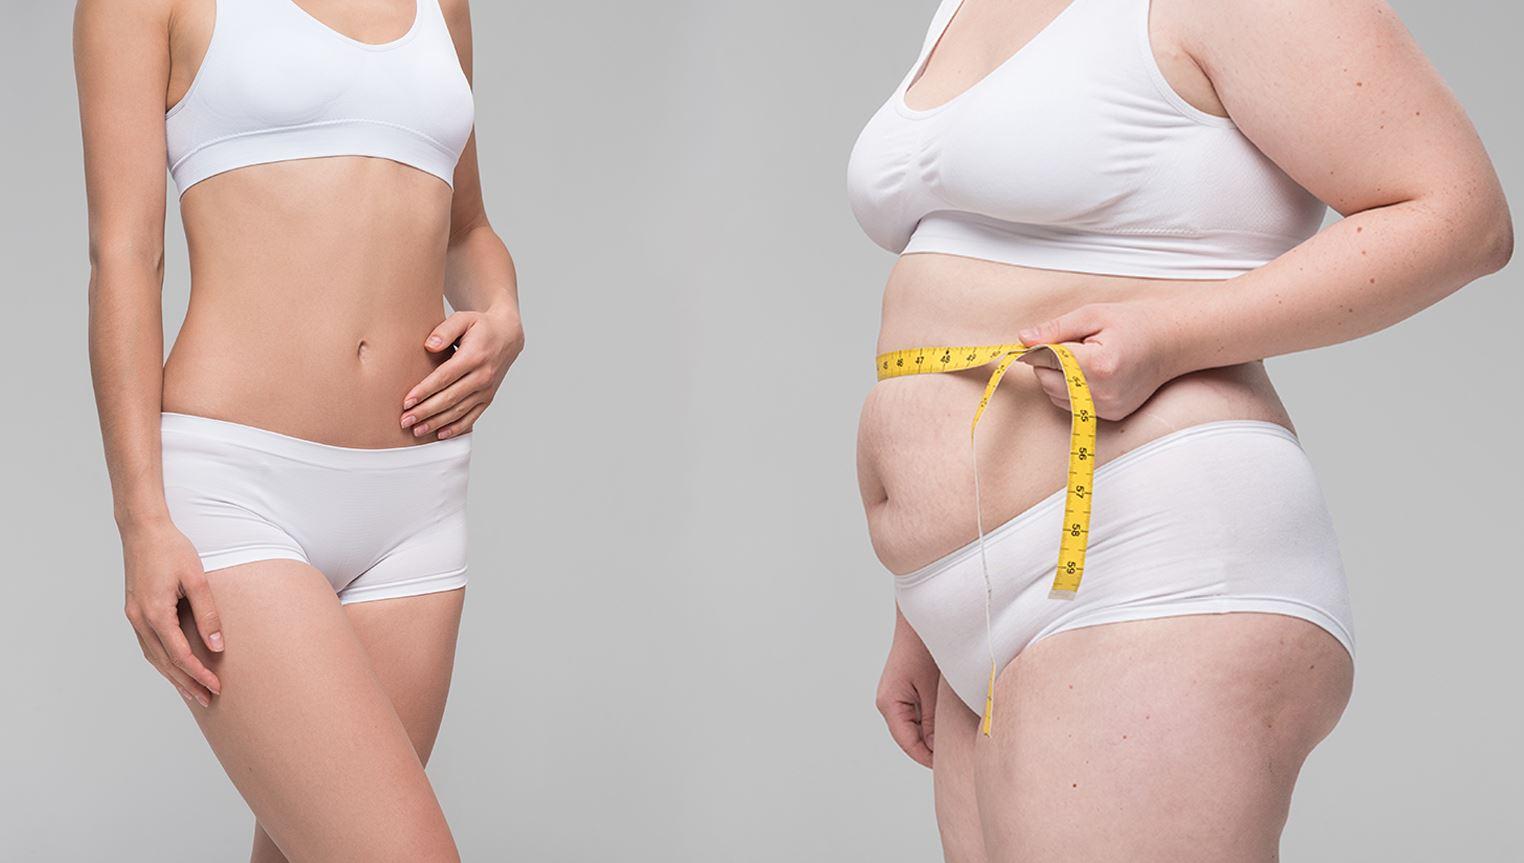 công nghệ giảm béo tốt nhất hiện nay